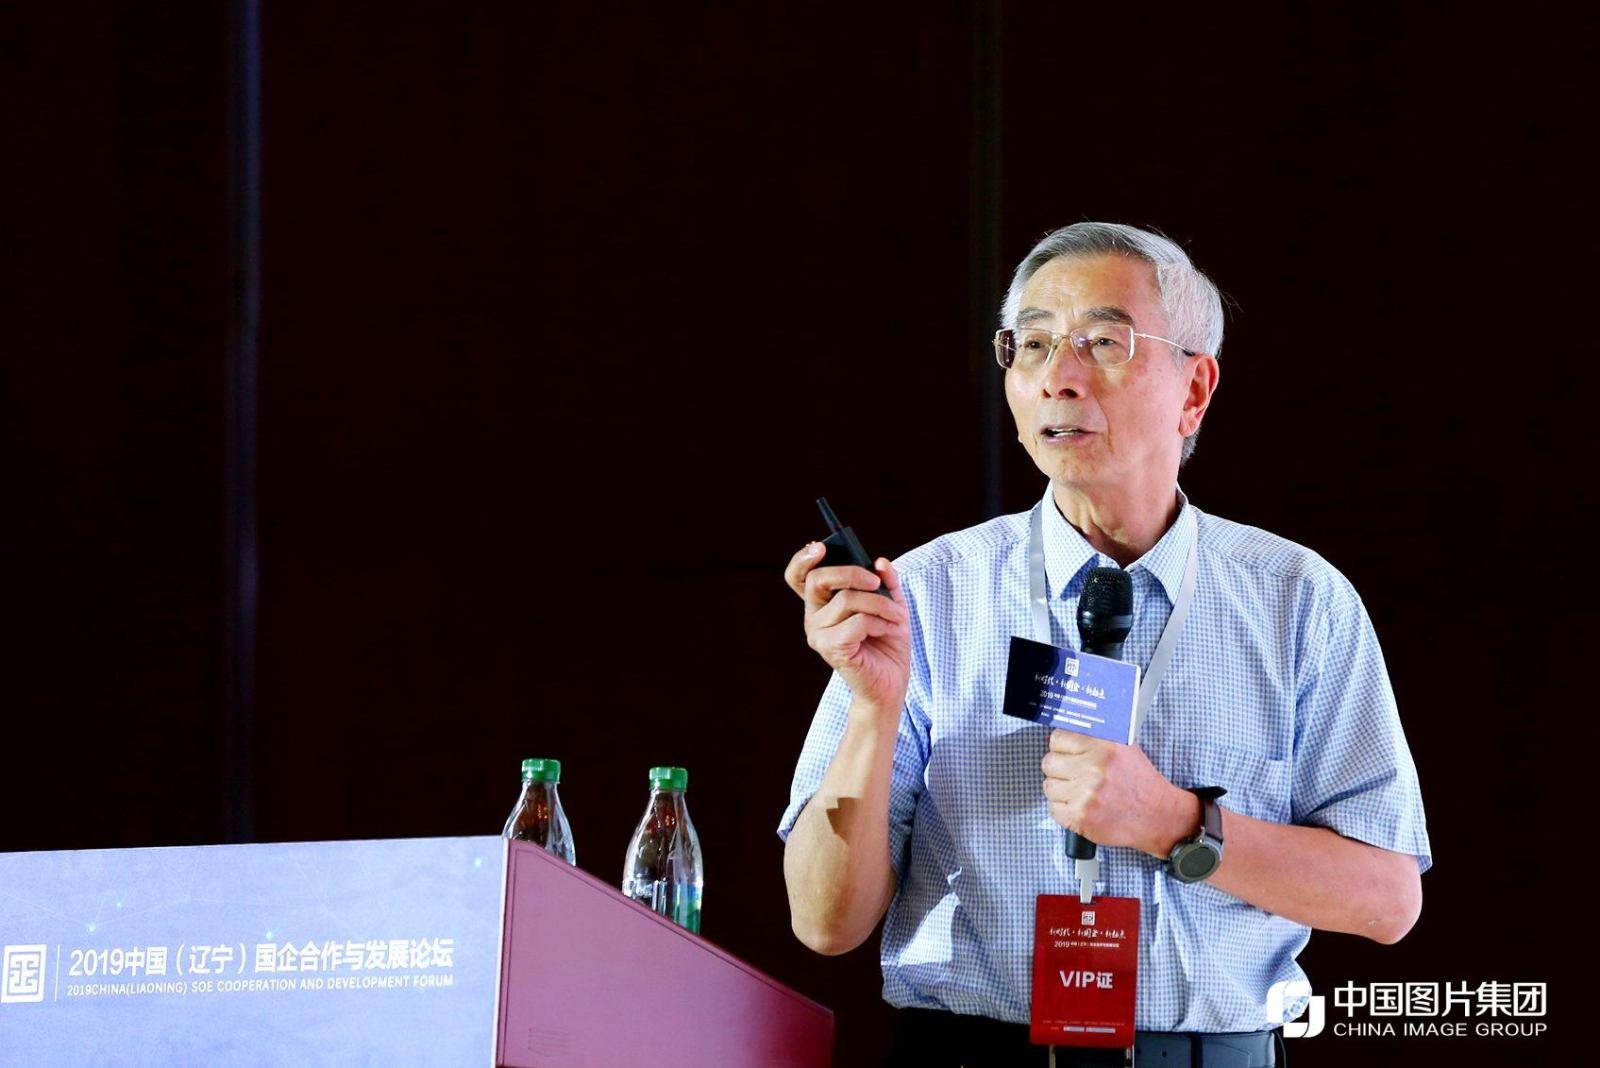 中国工程院院士倪光南进行主旨演讲。